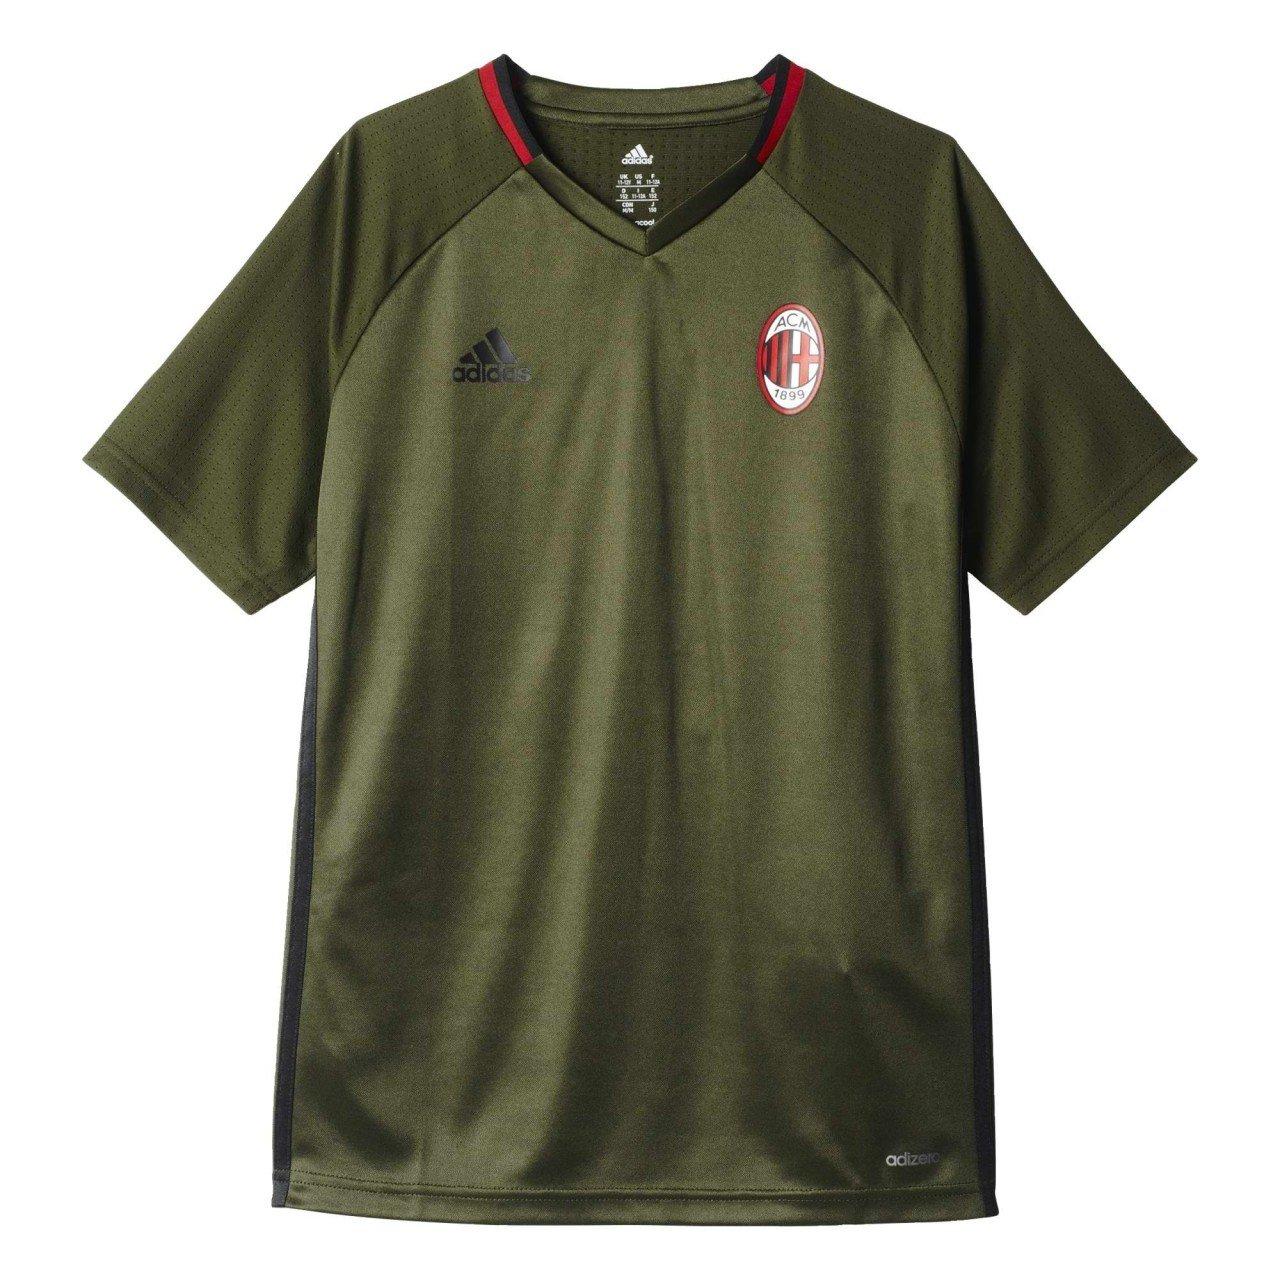 2016-2017 AC Milan Adidas Training Jersey (Night Cargo) Kids B01I1SOS00Green Large Boys 30-32\